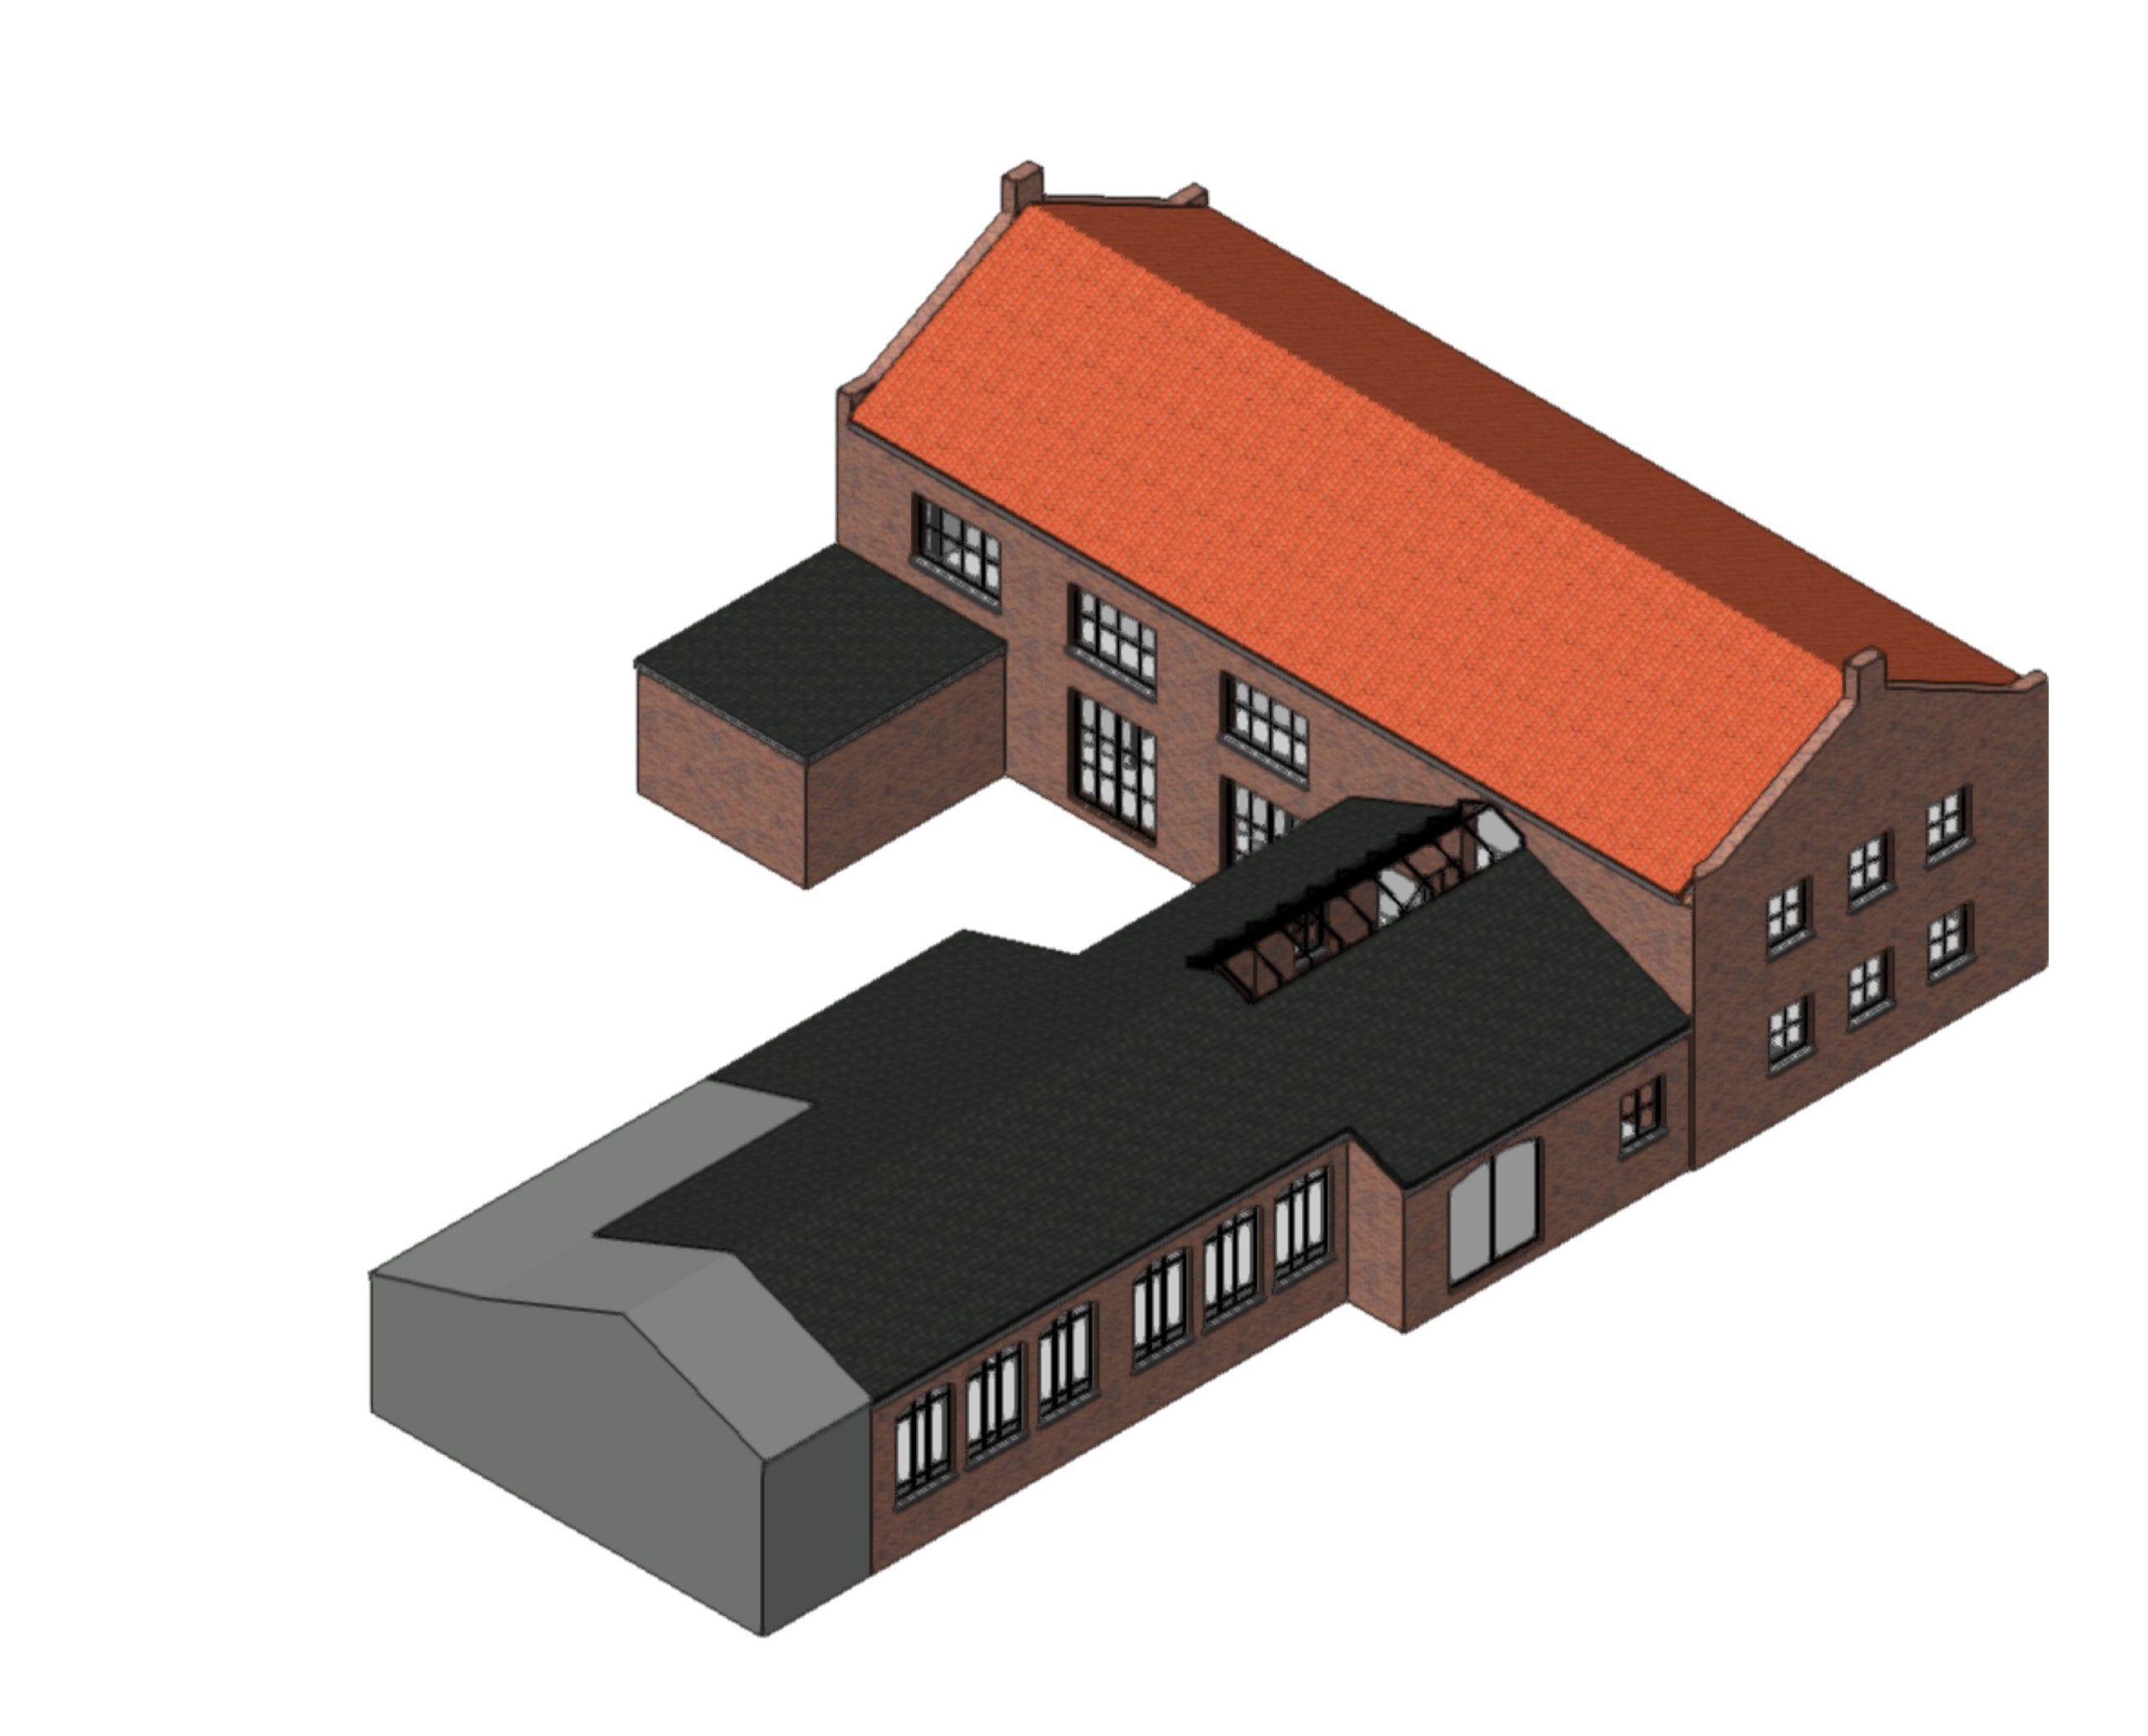 Buitenzijde Schaakboksschool | Space Identity | Interieurvormgeving | Tiel